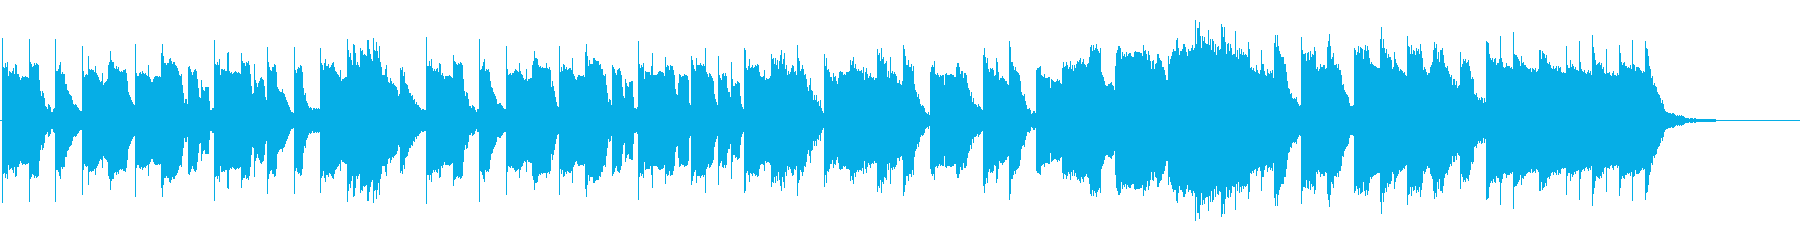 【Eテレ風】かわいいリコーダーとピアノの再生済みの波形